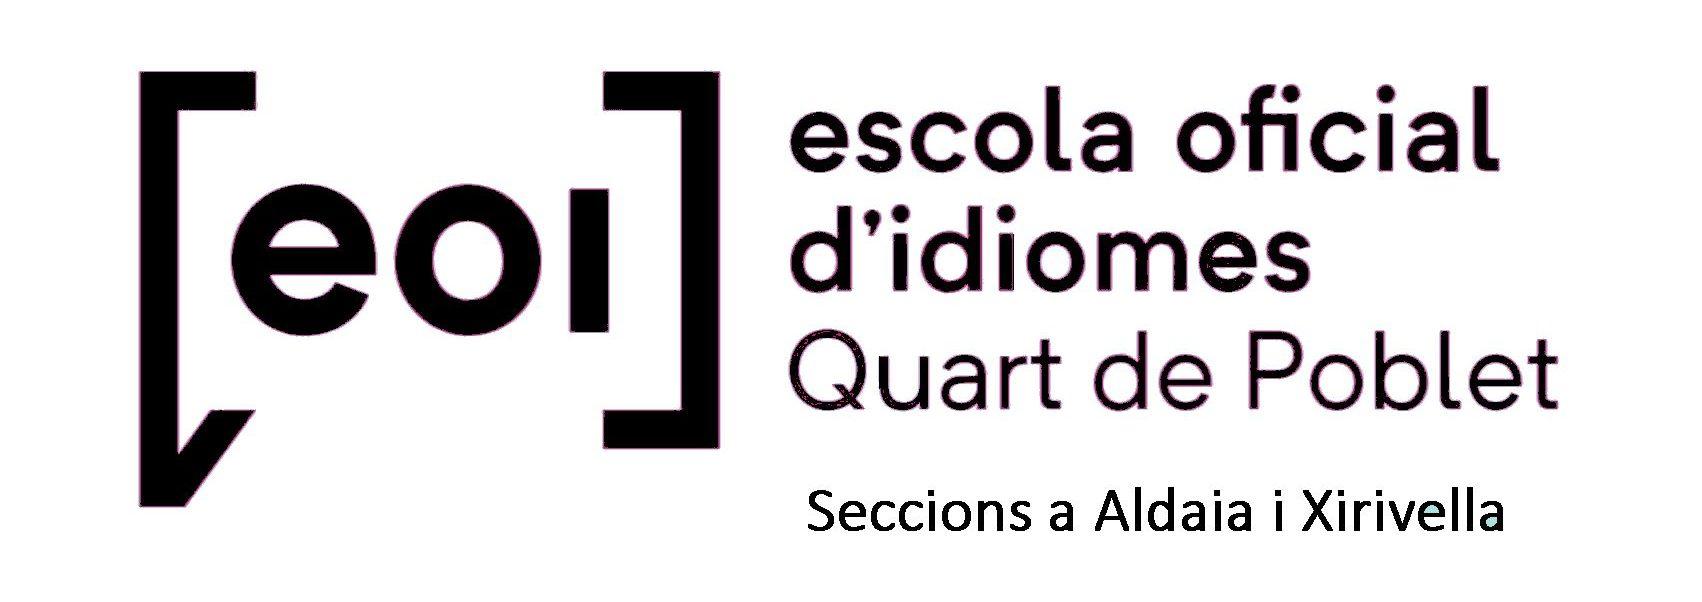 Escola Oficial d'Idiomes Quart de Poblet